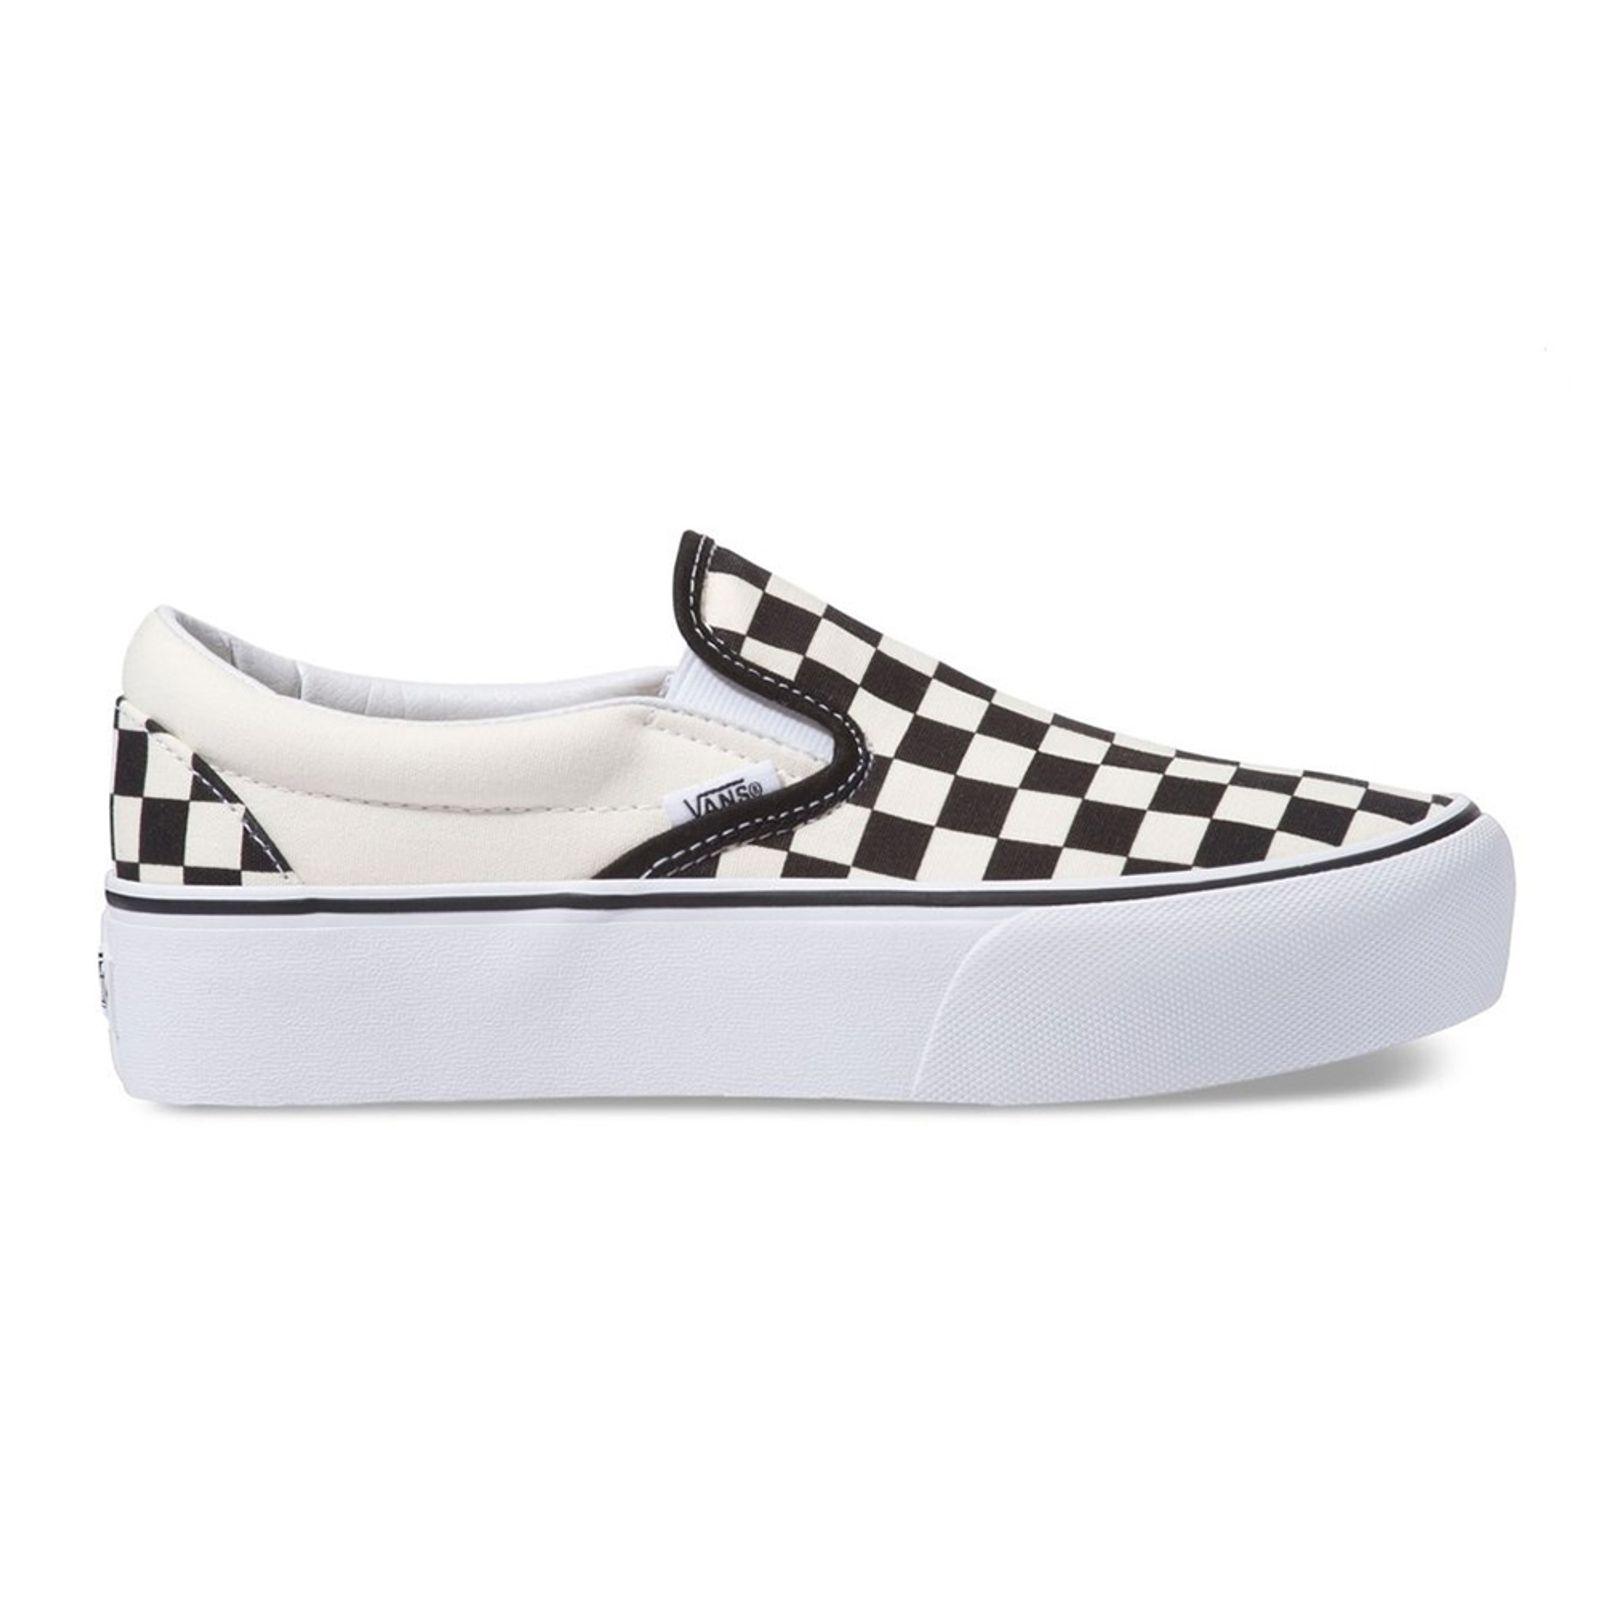 código preposición Inválido  Tênis Vans Classic Slip On Checkerboard Plataforma - Preto/Branco -  galleryrock